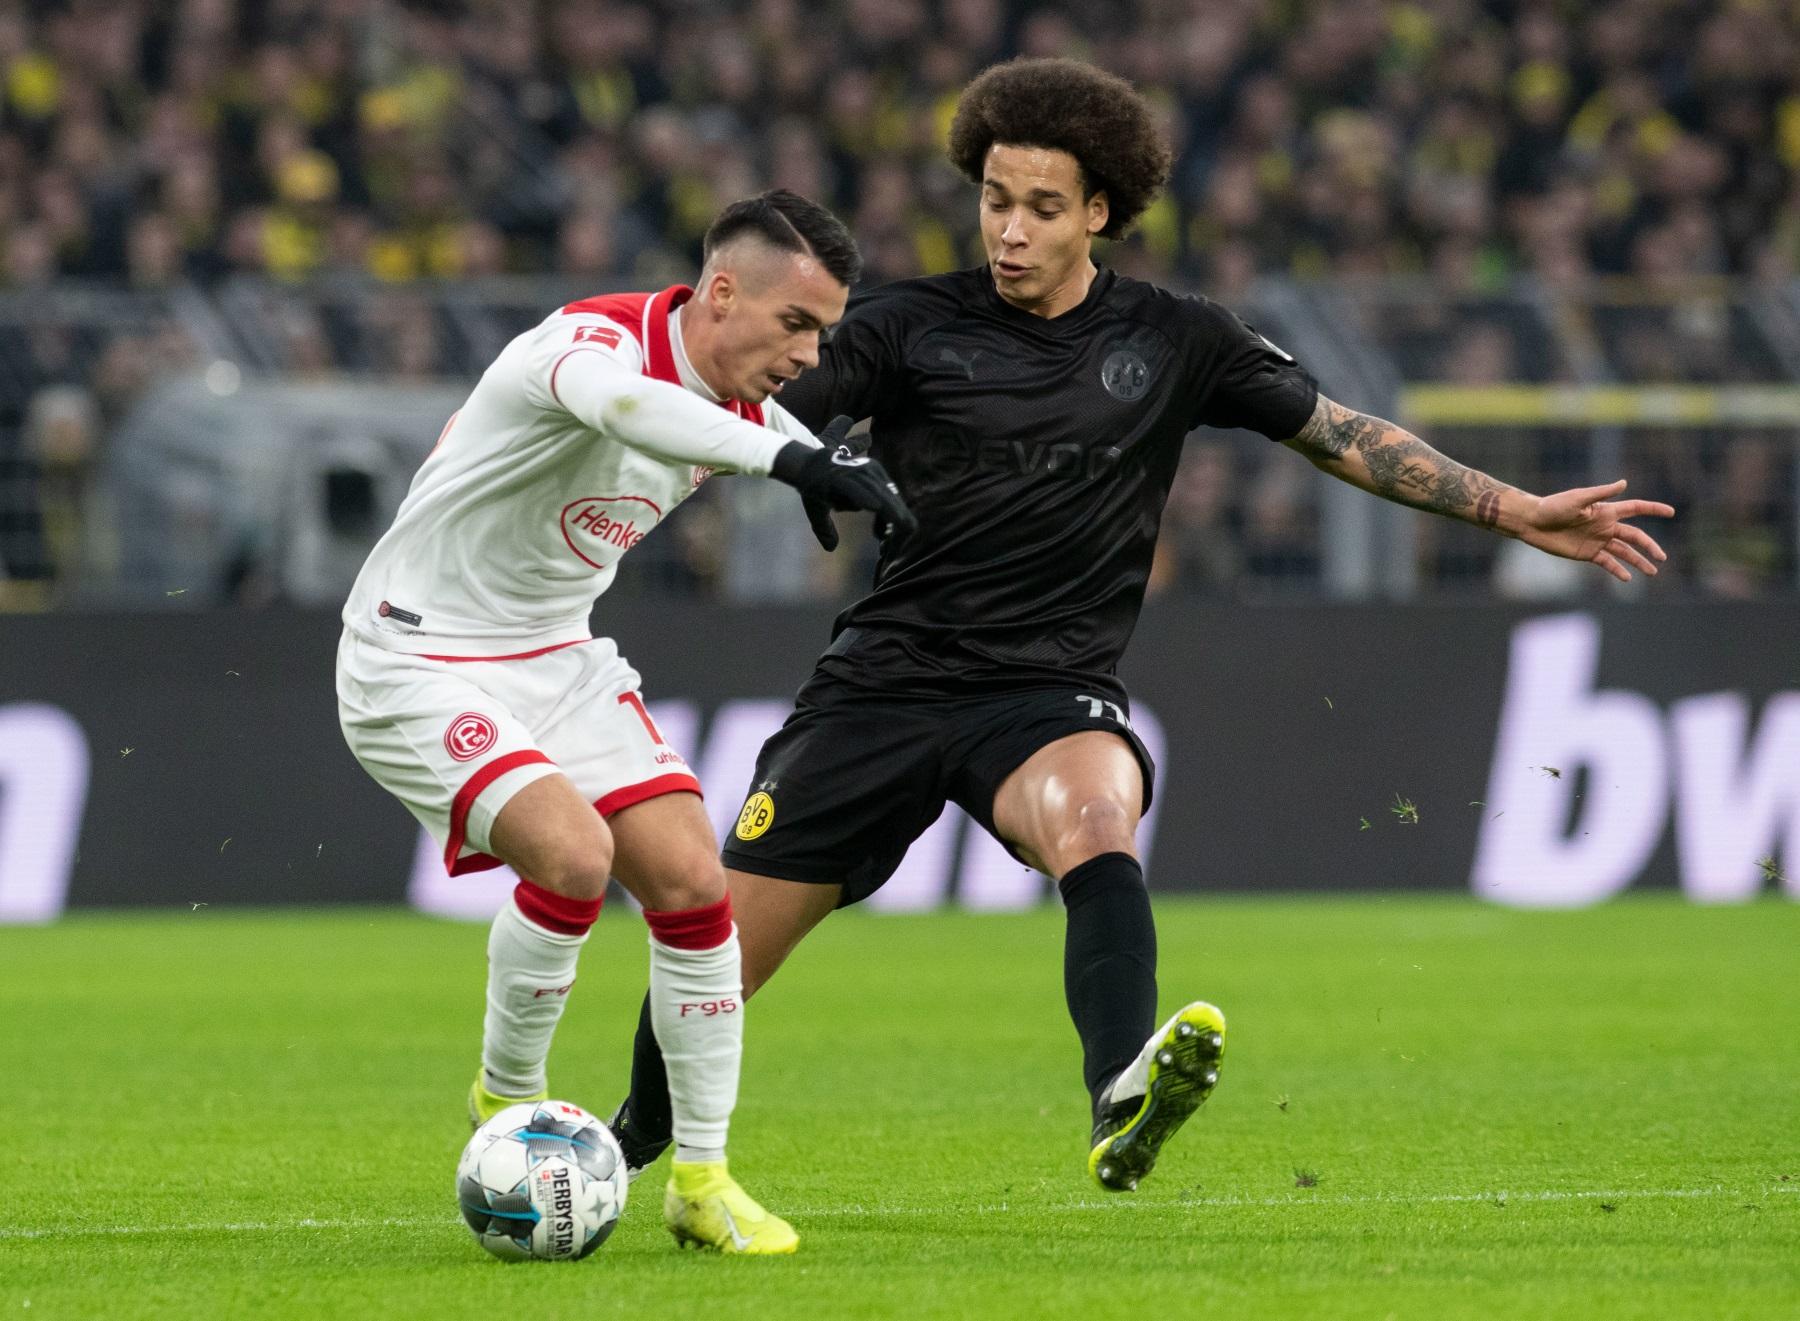 Fortuna Düsseldorf empfängt Borussia Dortmund am 31. Bundesliga-Spieltag.